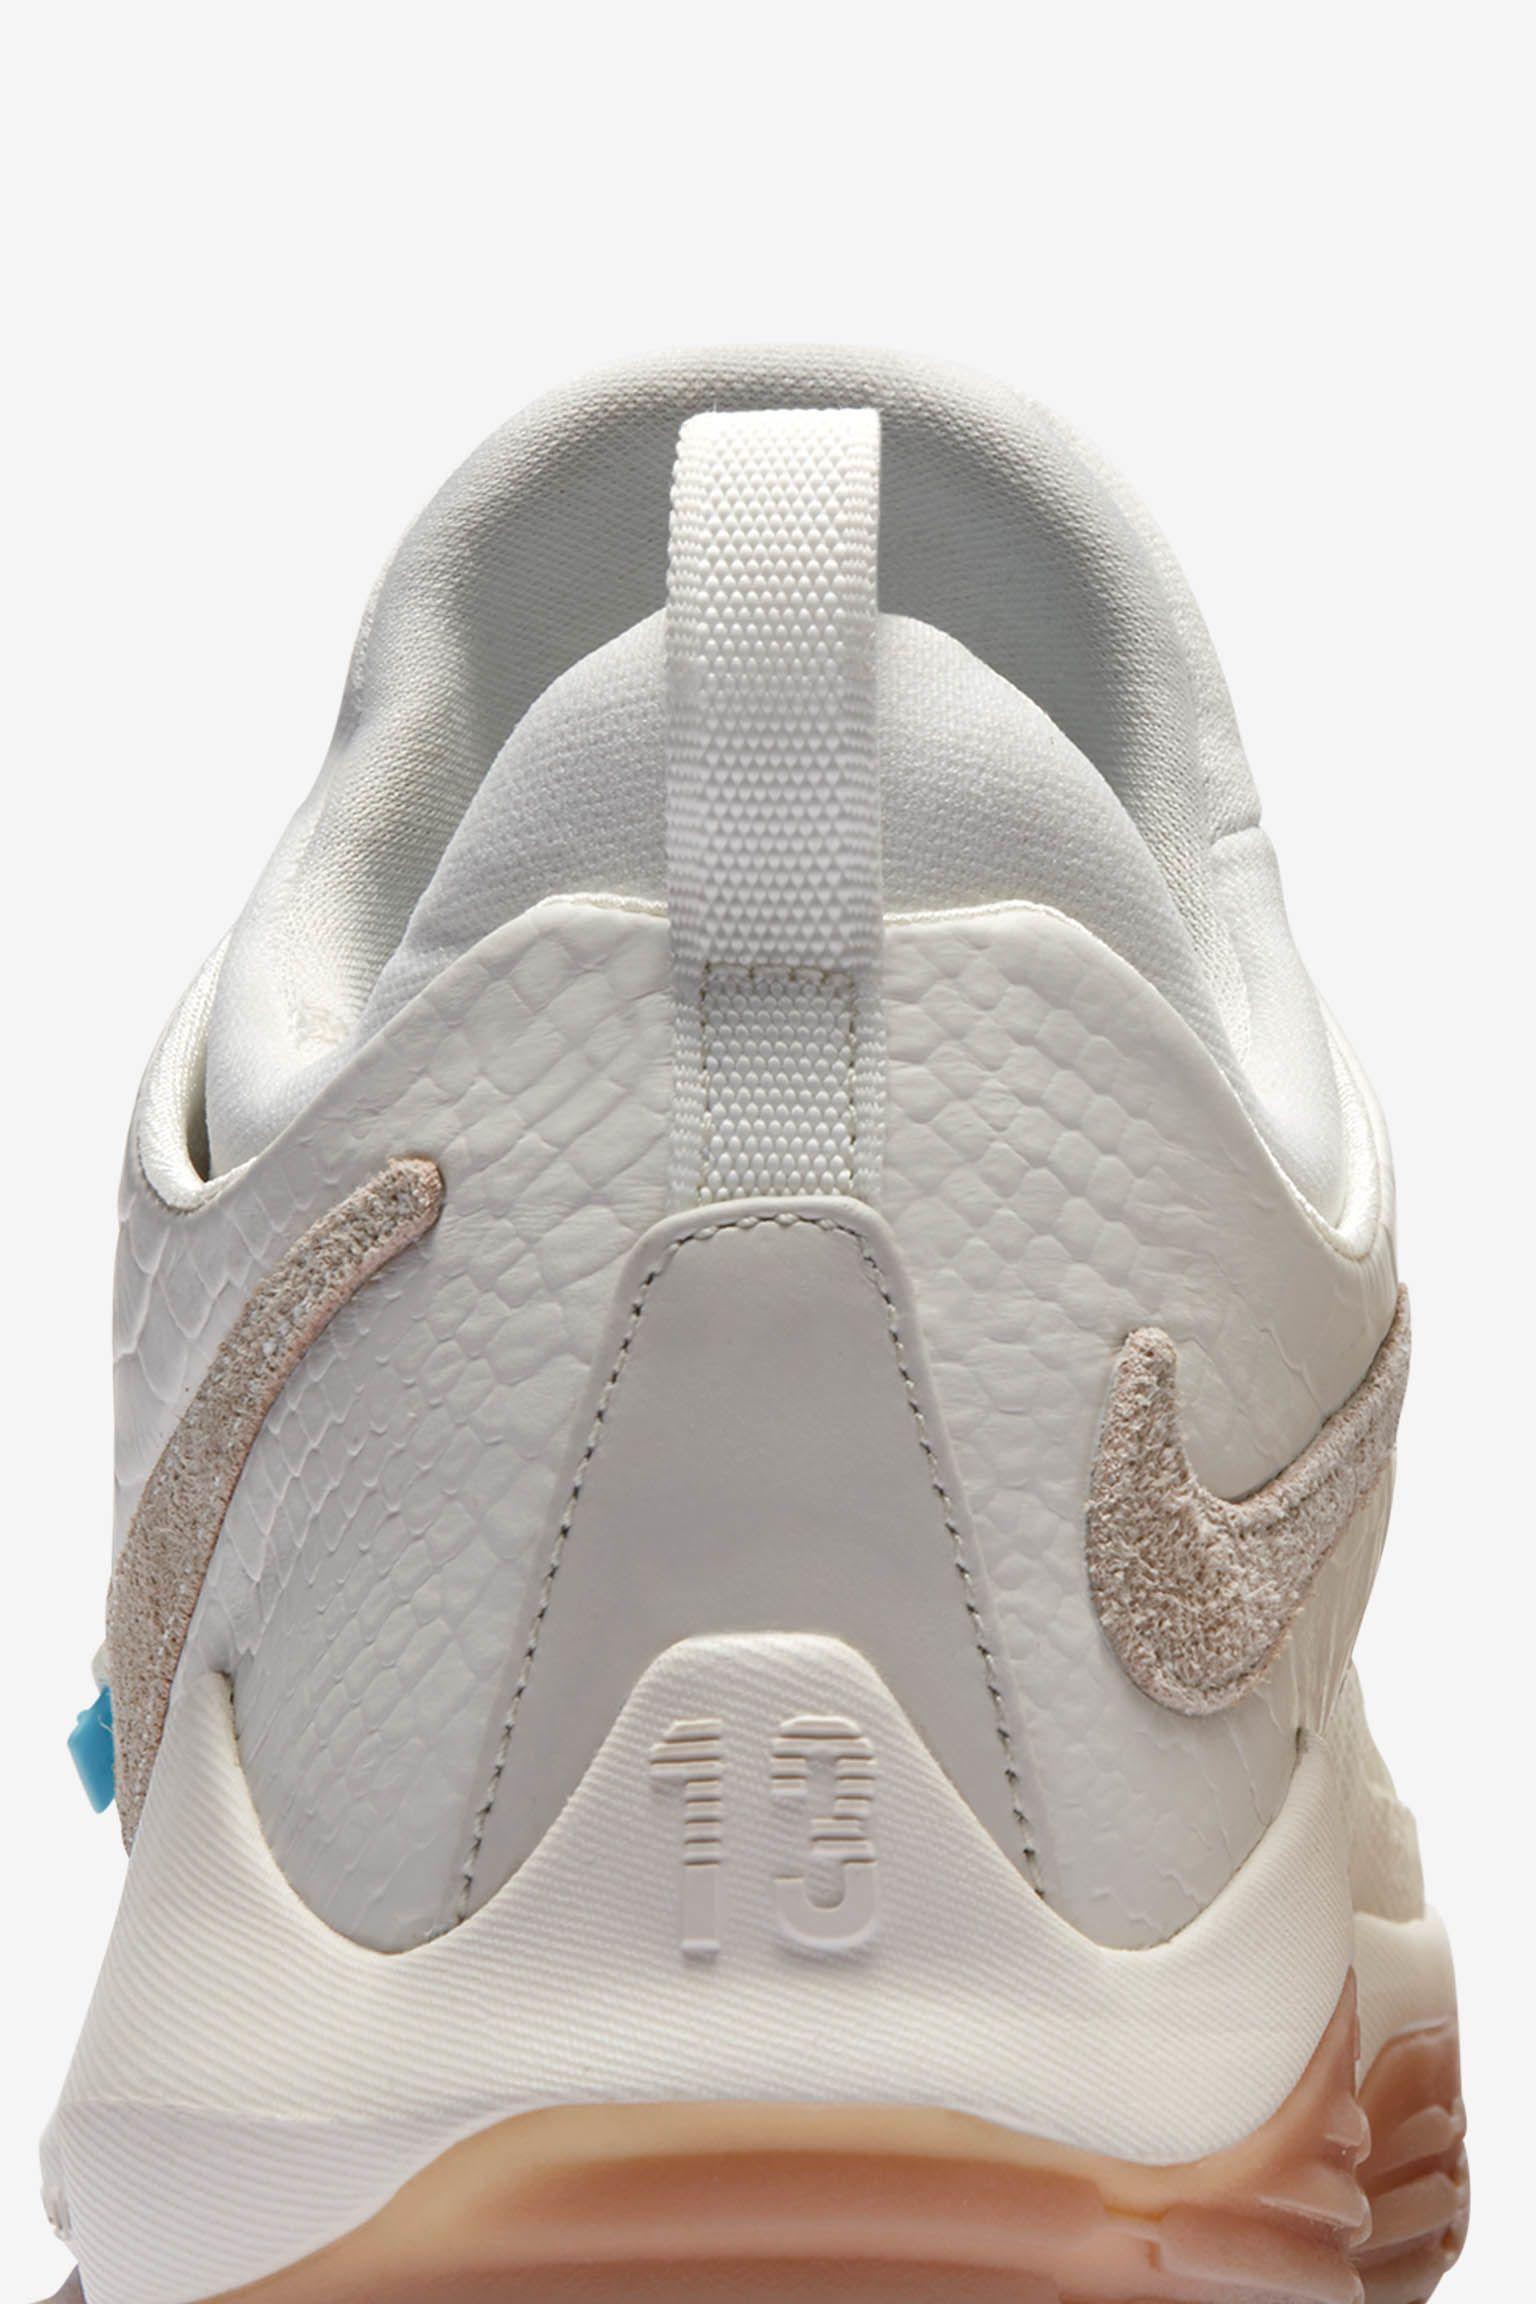 Nike PG 1 'Summer Pack'